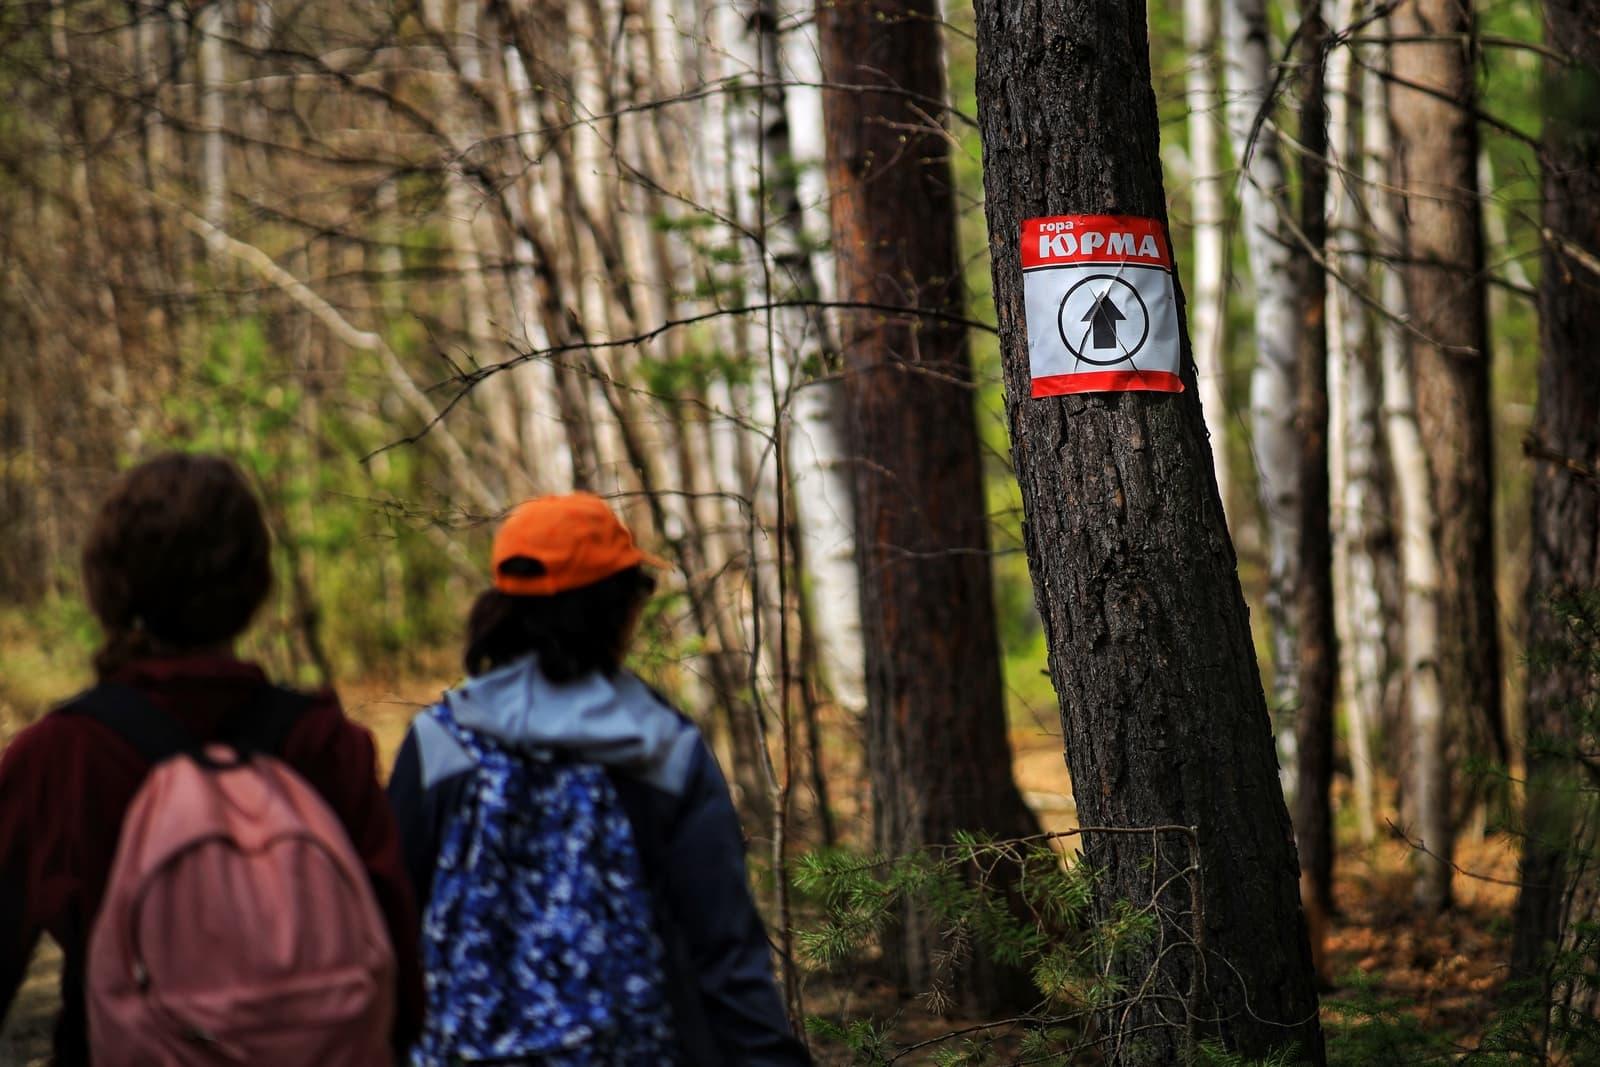 Указатель на Юрму на дереве